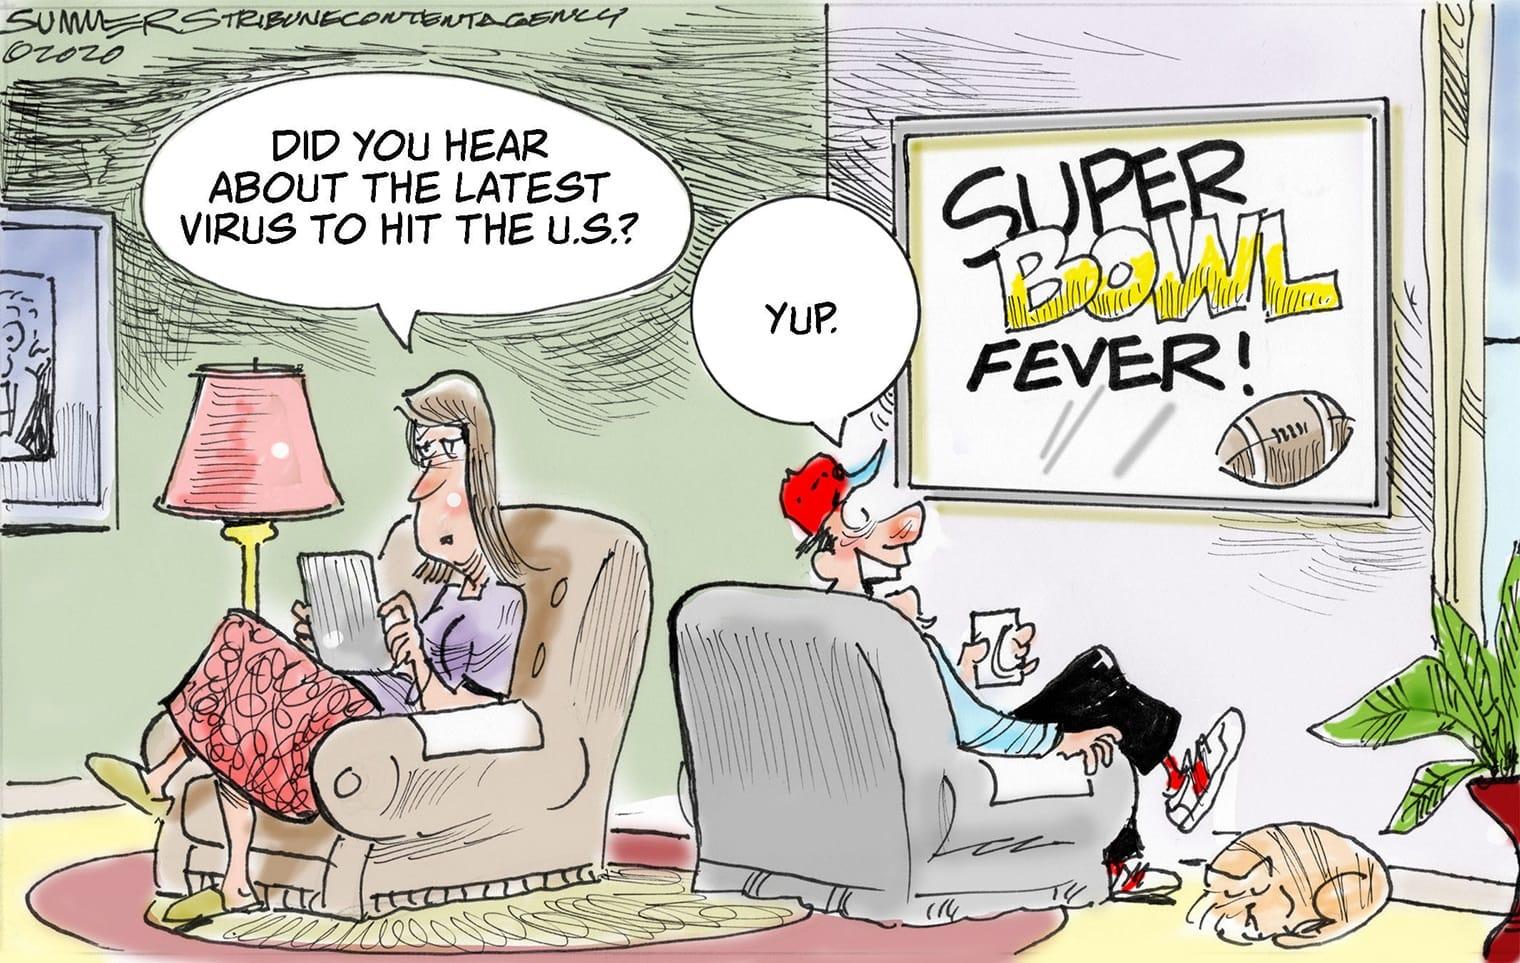 Jan. 25: Super Bowl fever